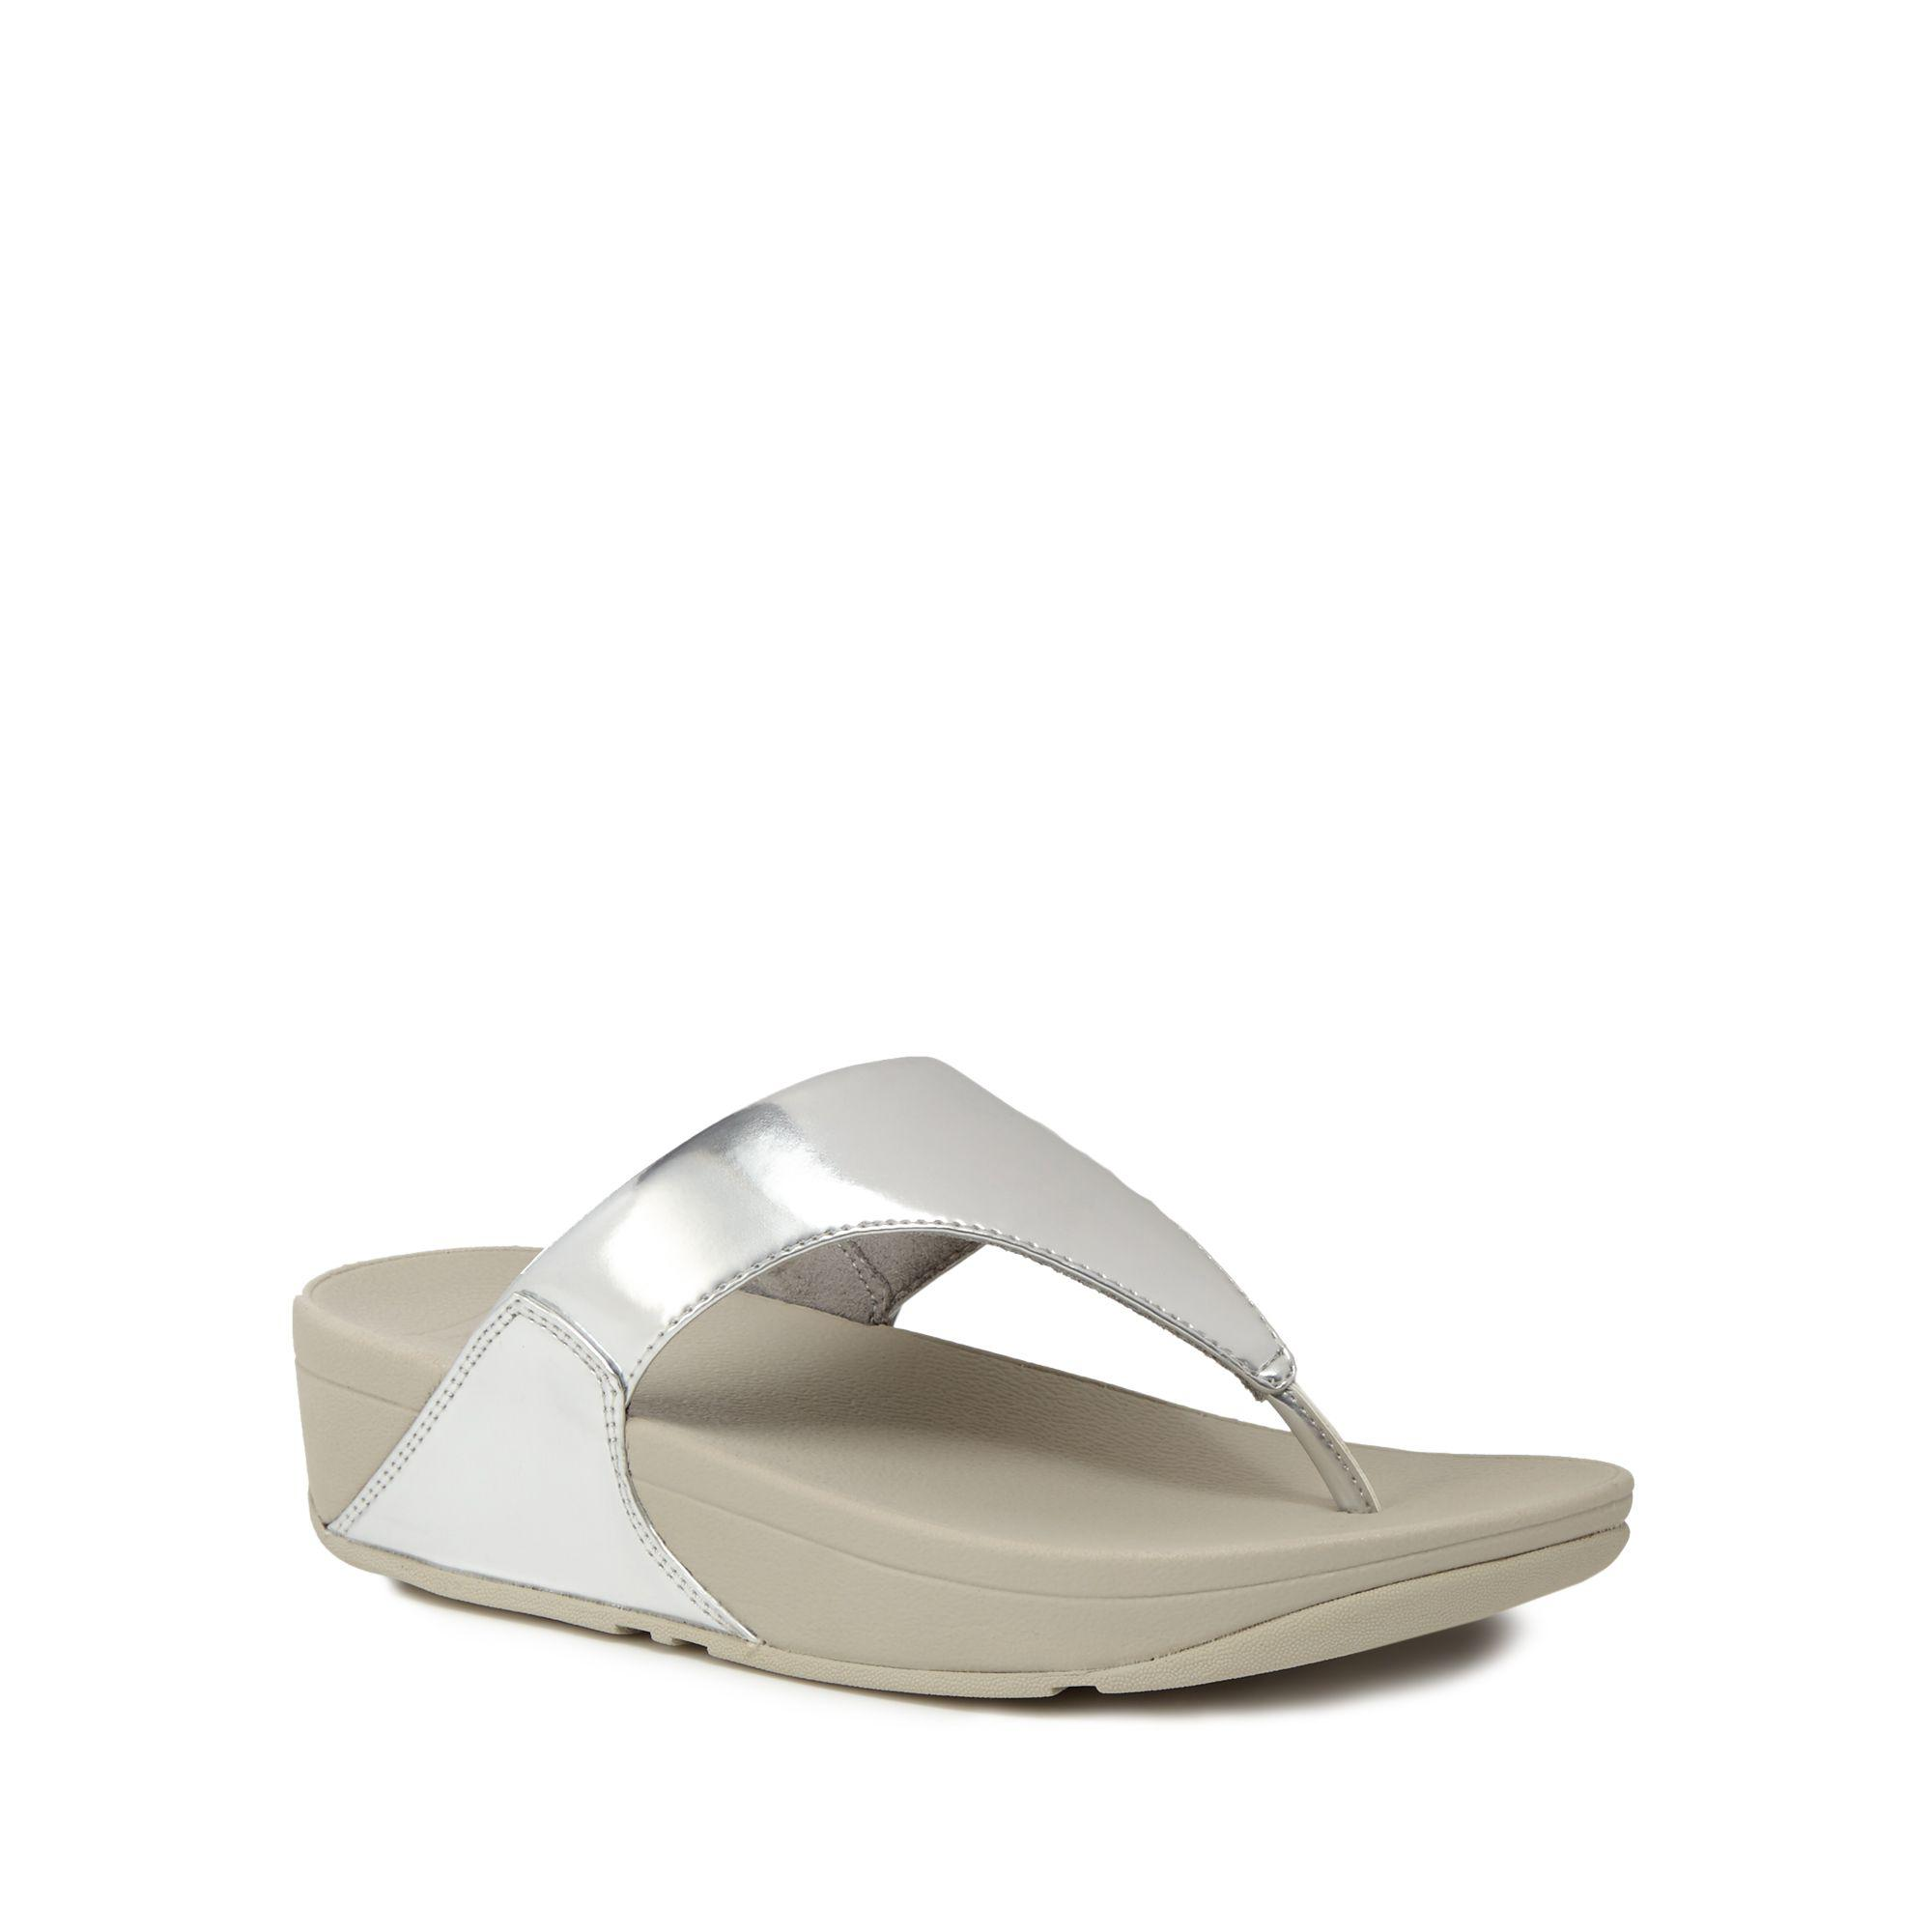 d3f77963746 Fitflop Silver  lulu  Mid Flatform Heel Flip Flops in Metallic - Lyst